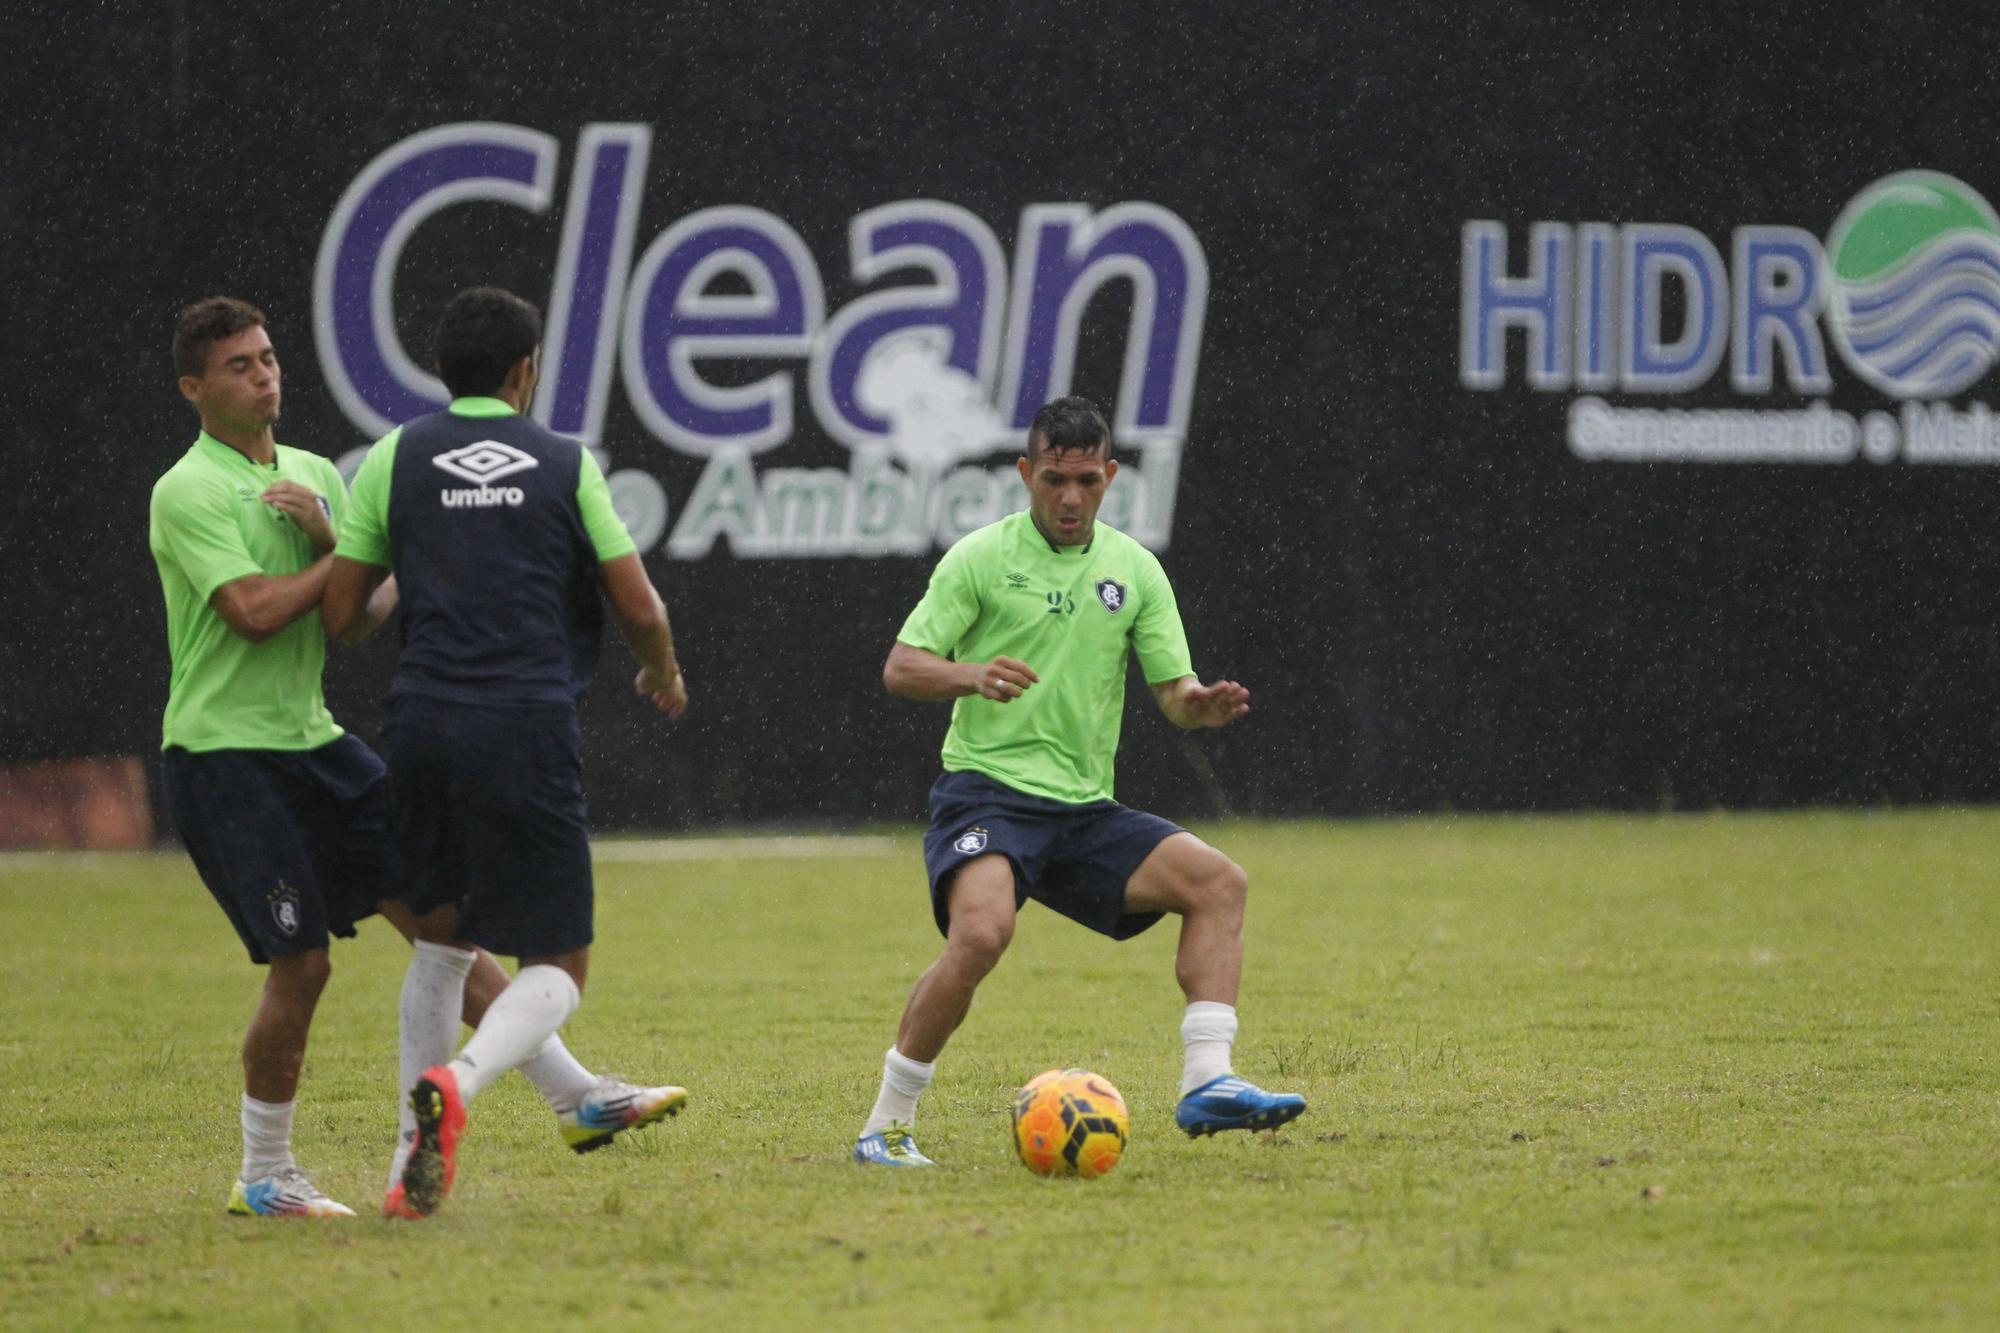 Remo empresta cinco jogadores ao Parauapebas Futebol Clube, mas número pode aumentar